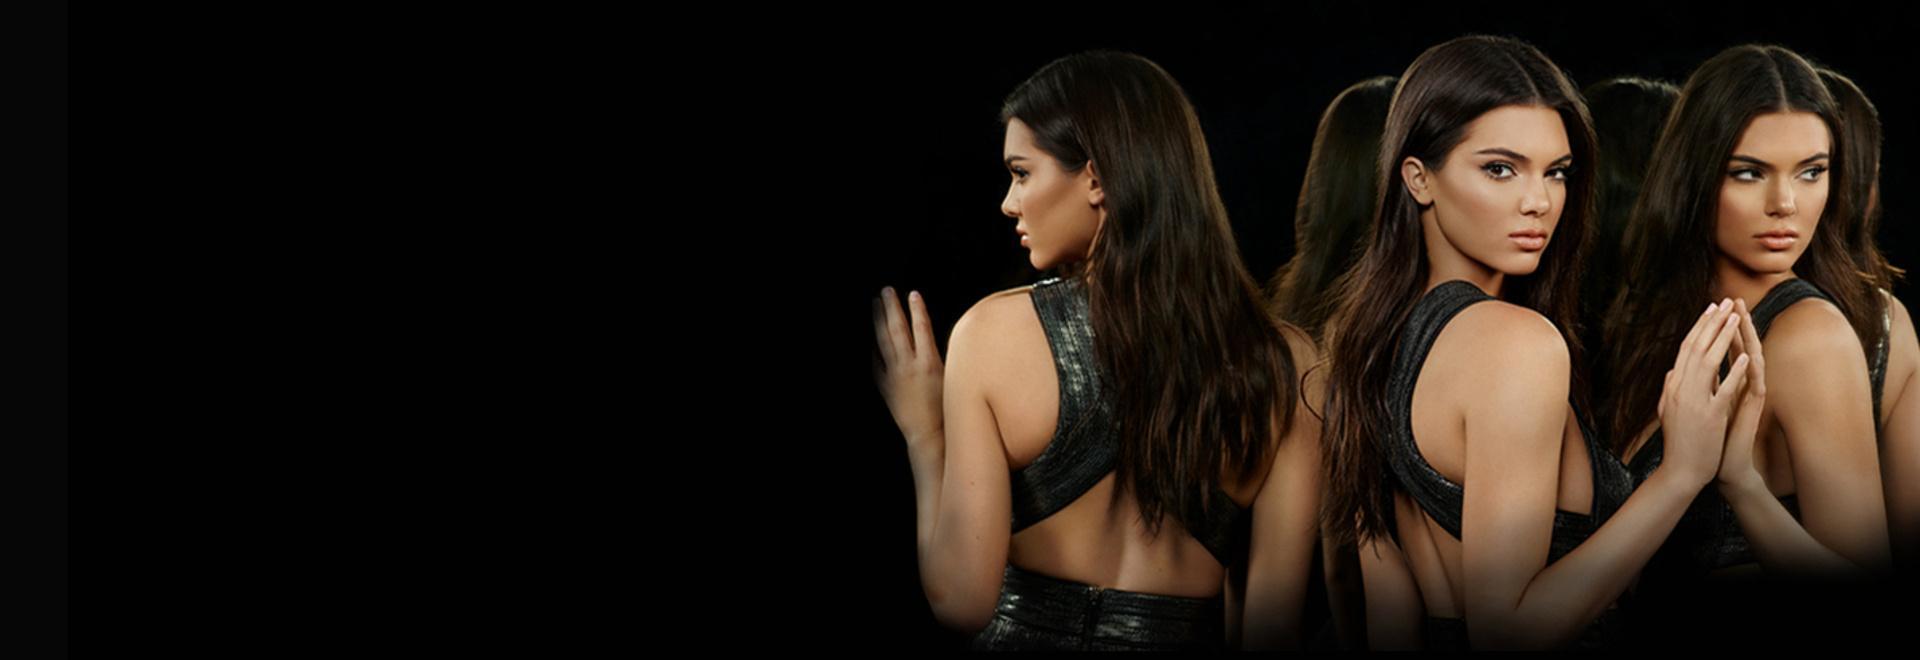 Le Kardashian